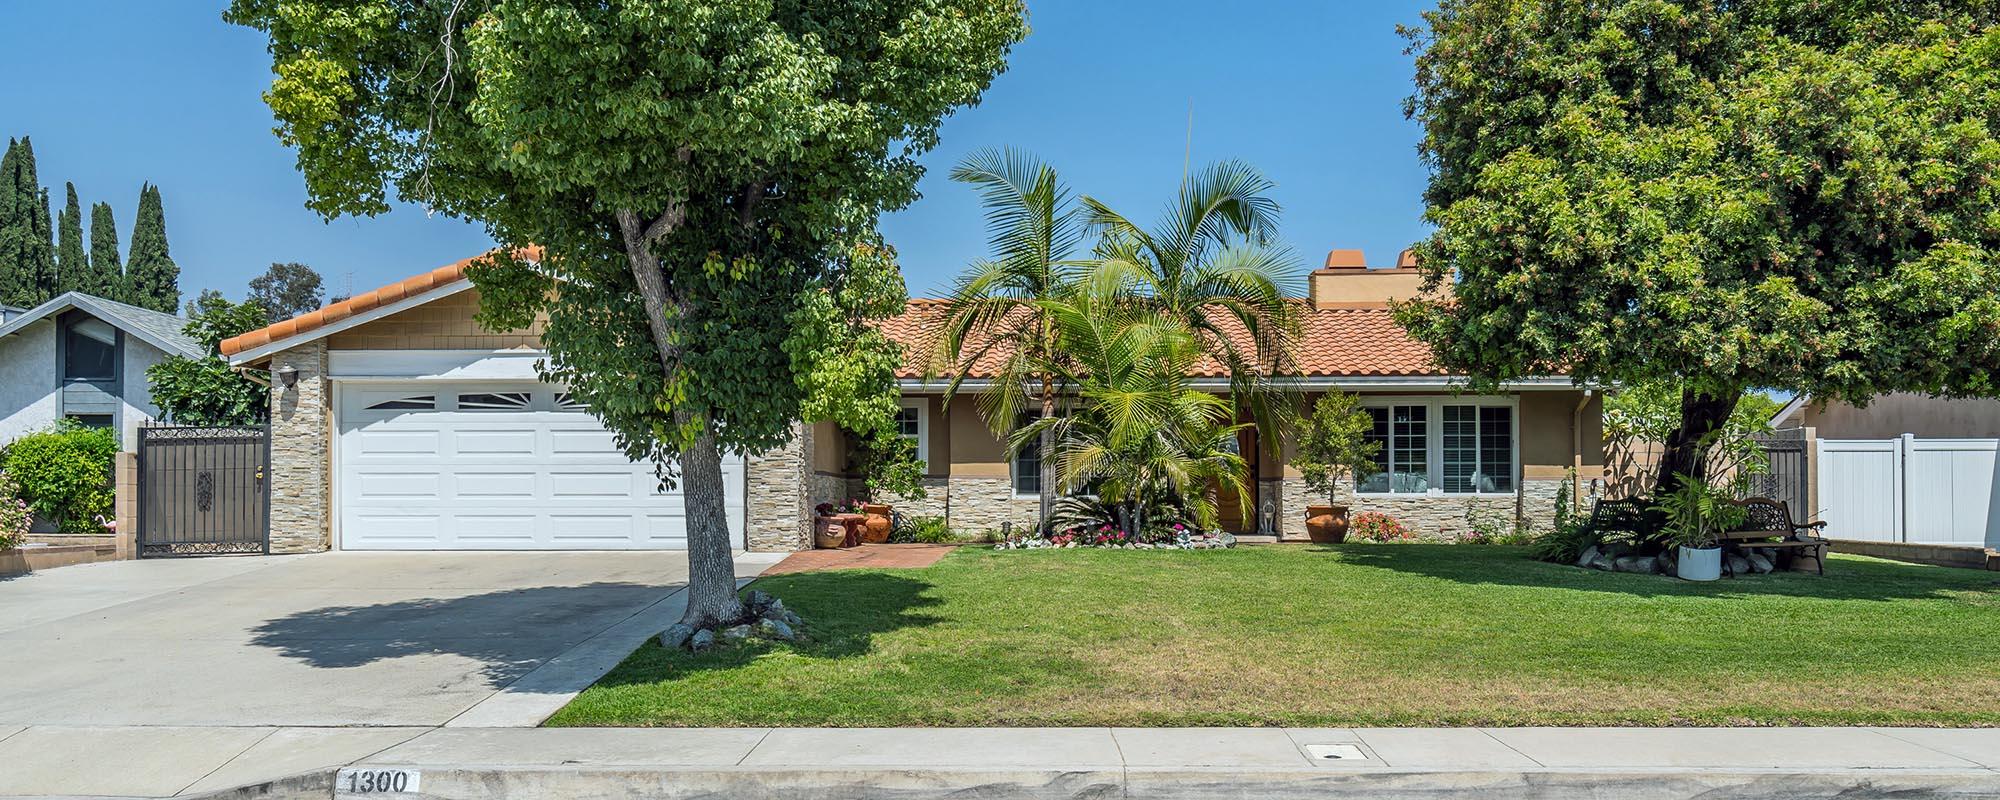 1300 S Wabash Ave Glendora 91740 - Front of house